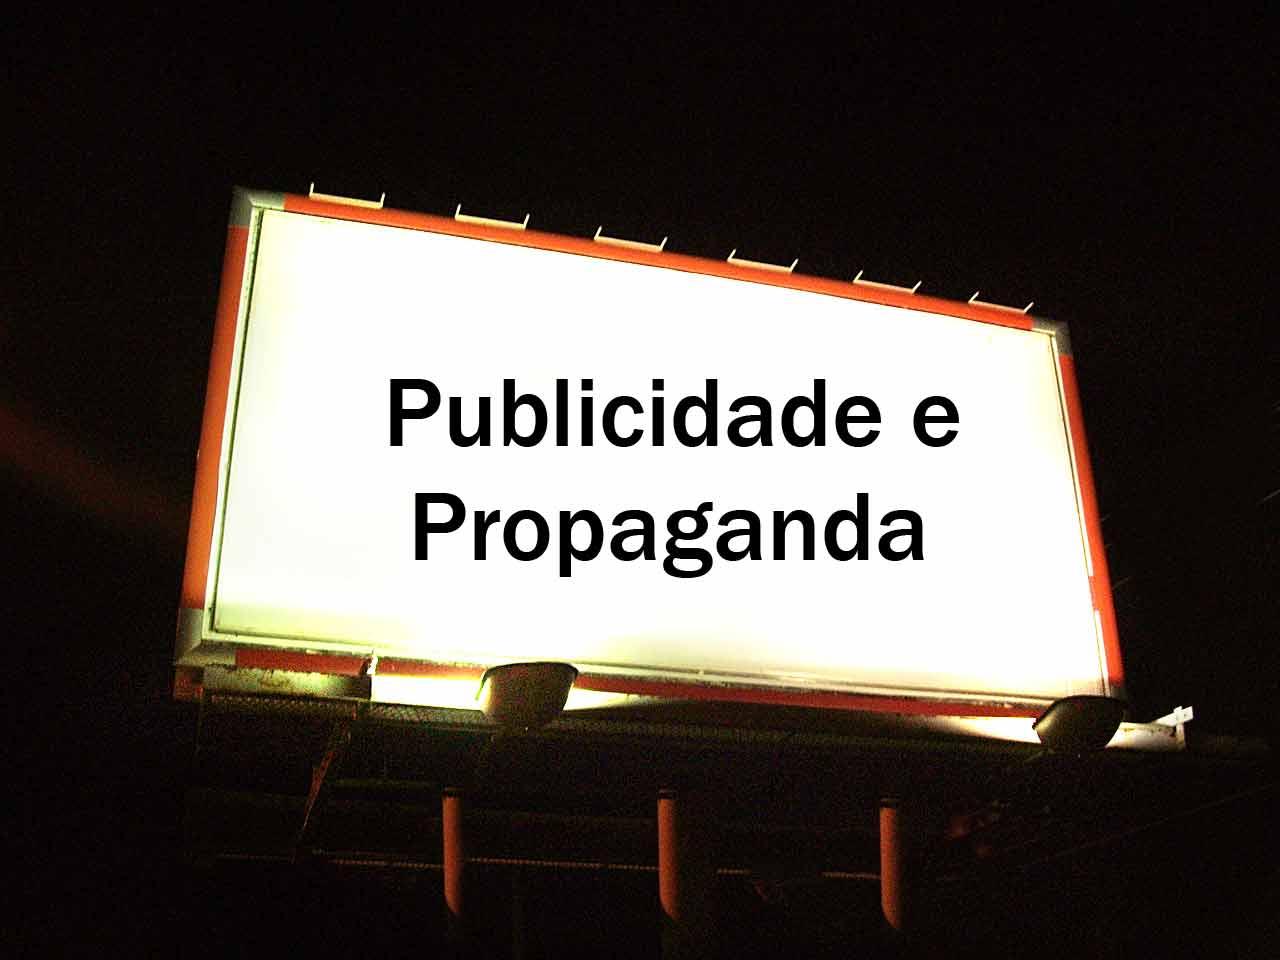 Comunicação Pública: Propaganda enganosa não é comunicação de interesse público